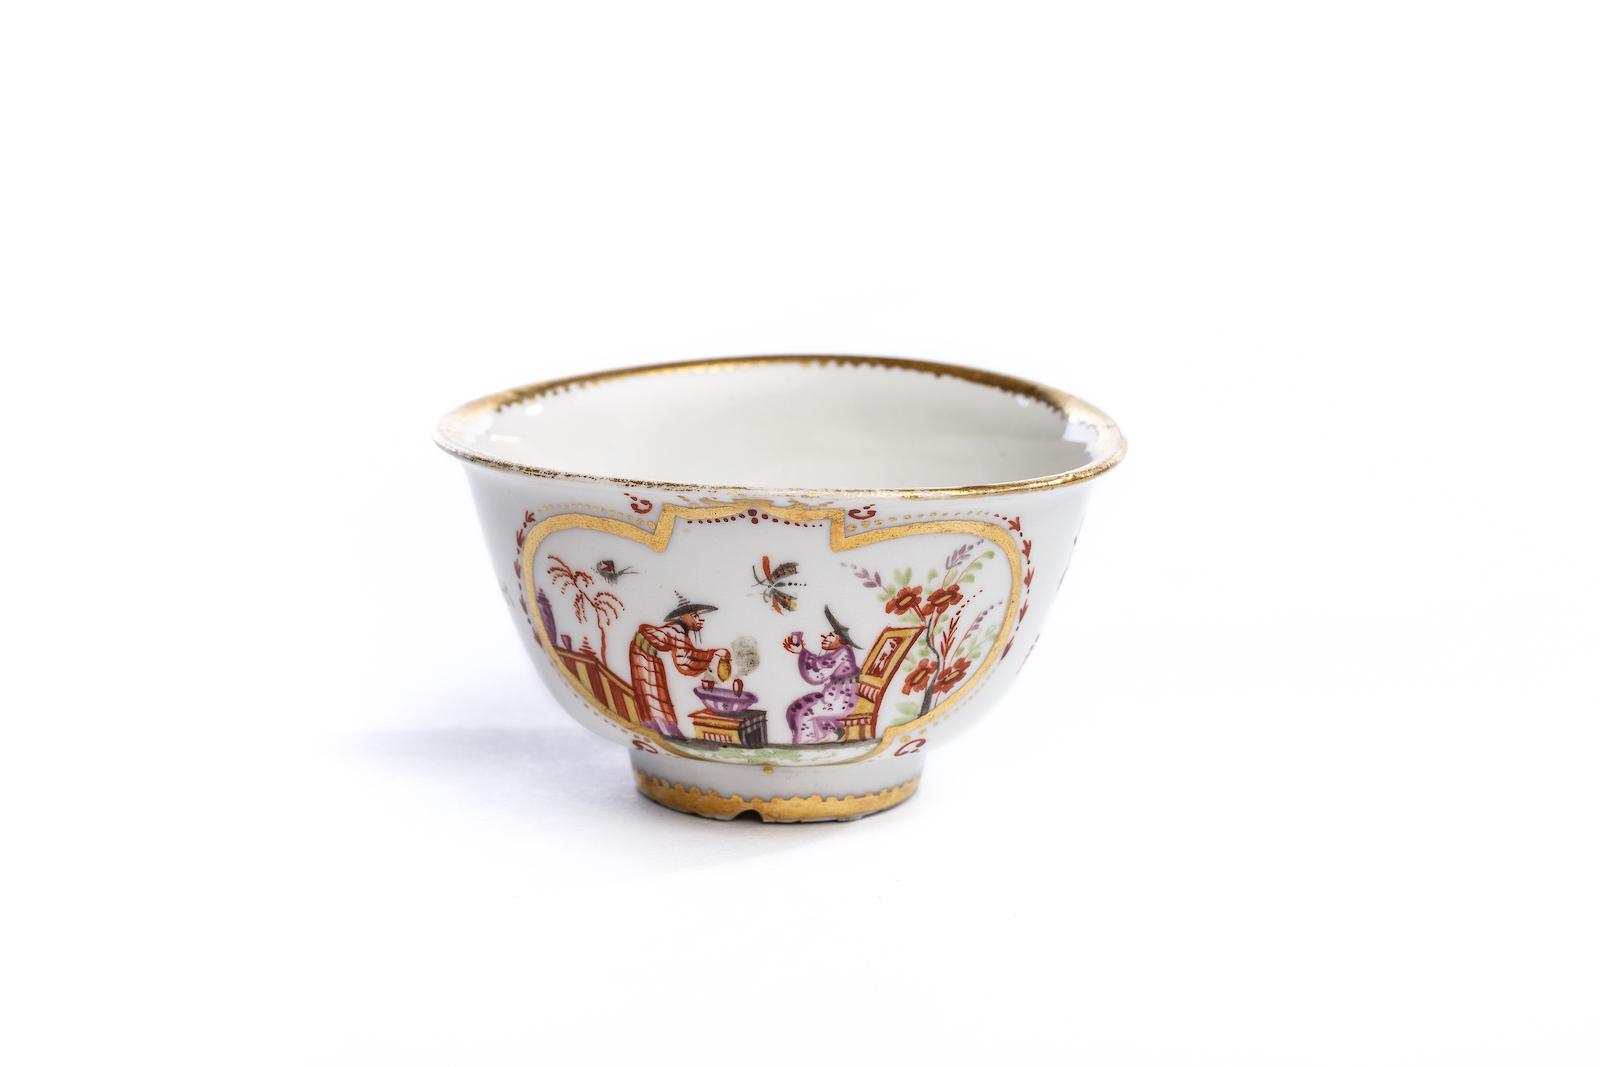 #128 Koppchen ohne Unterschale, Meissen 1720/25 | Bowl without Saucer, Meissen 1720/25 Image